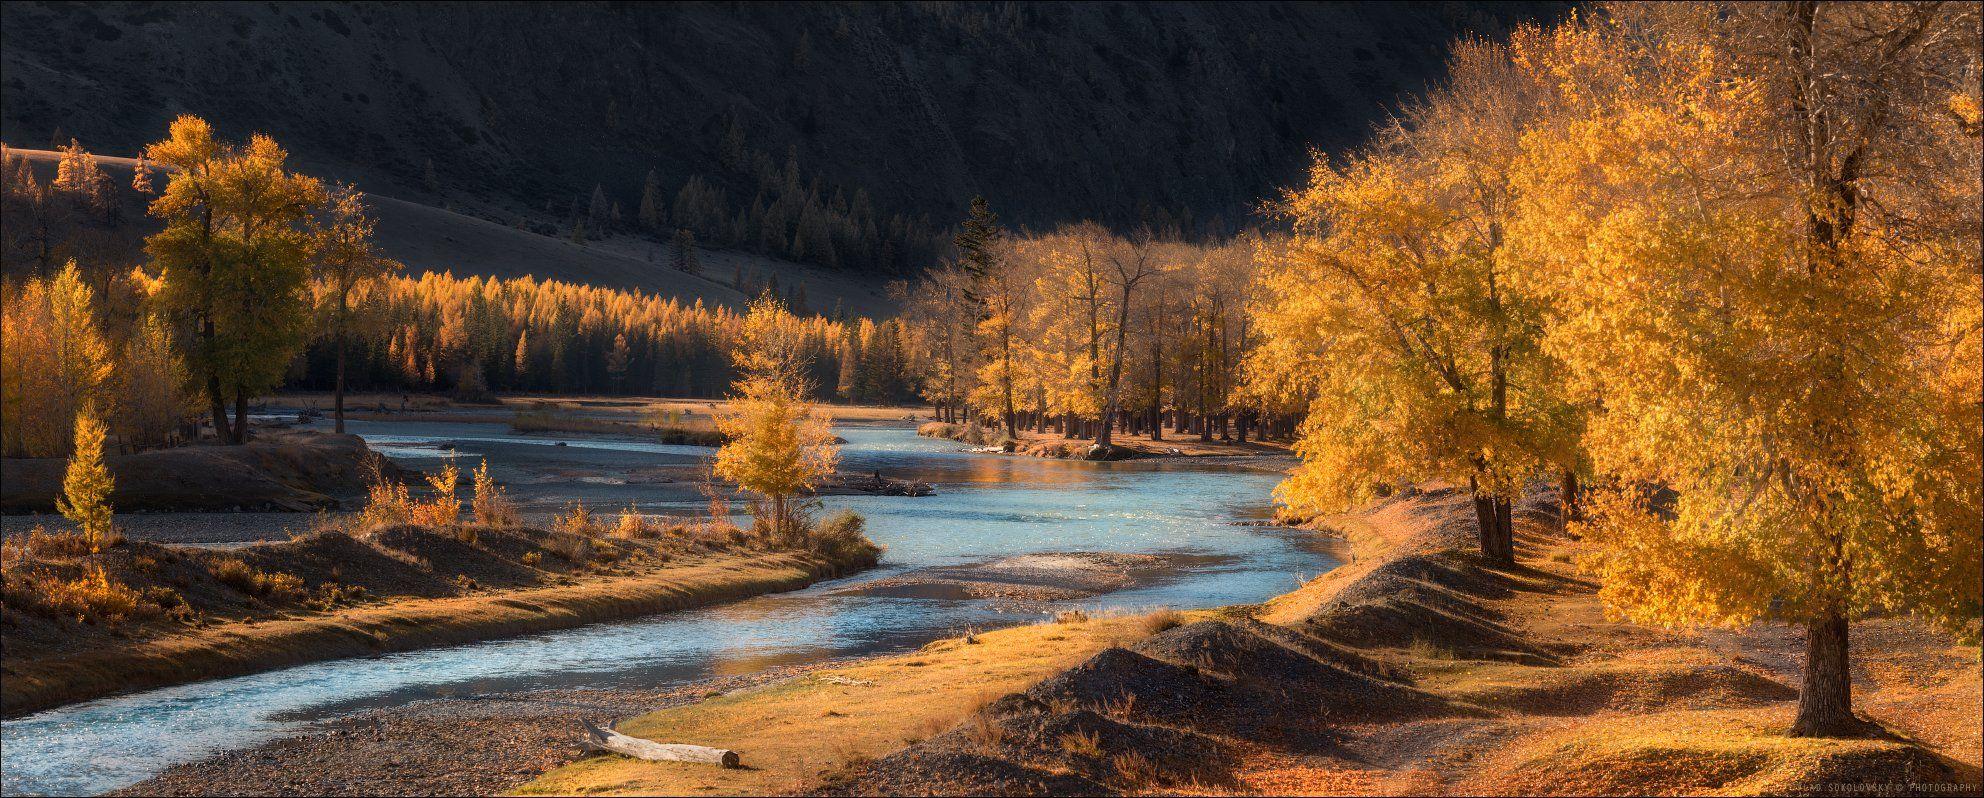 Алтай, горы, осень, река, Чуя, Курайская степь, золото, тополь,, Влад Соколовский